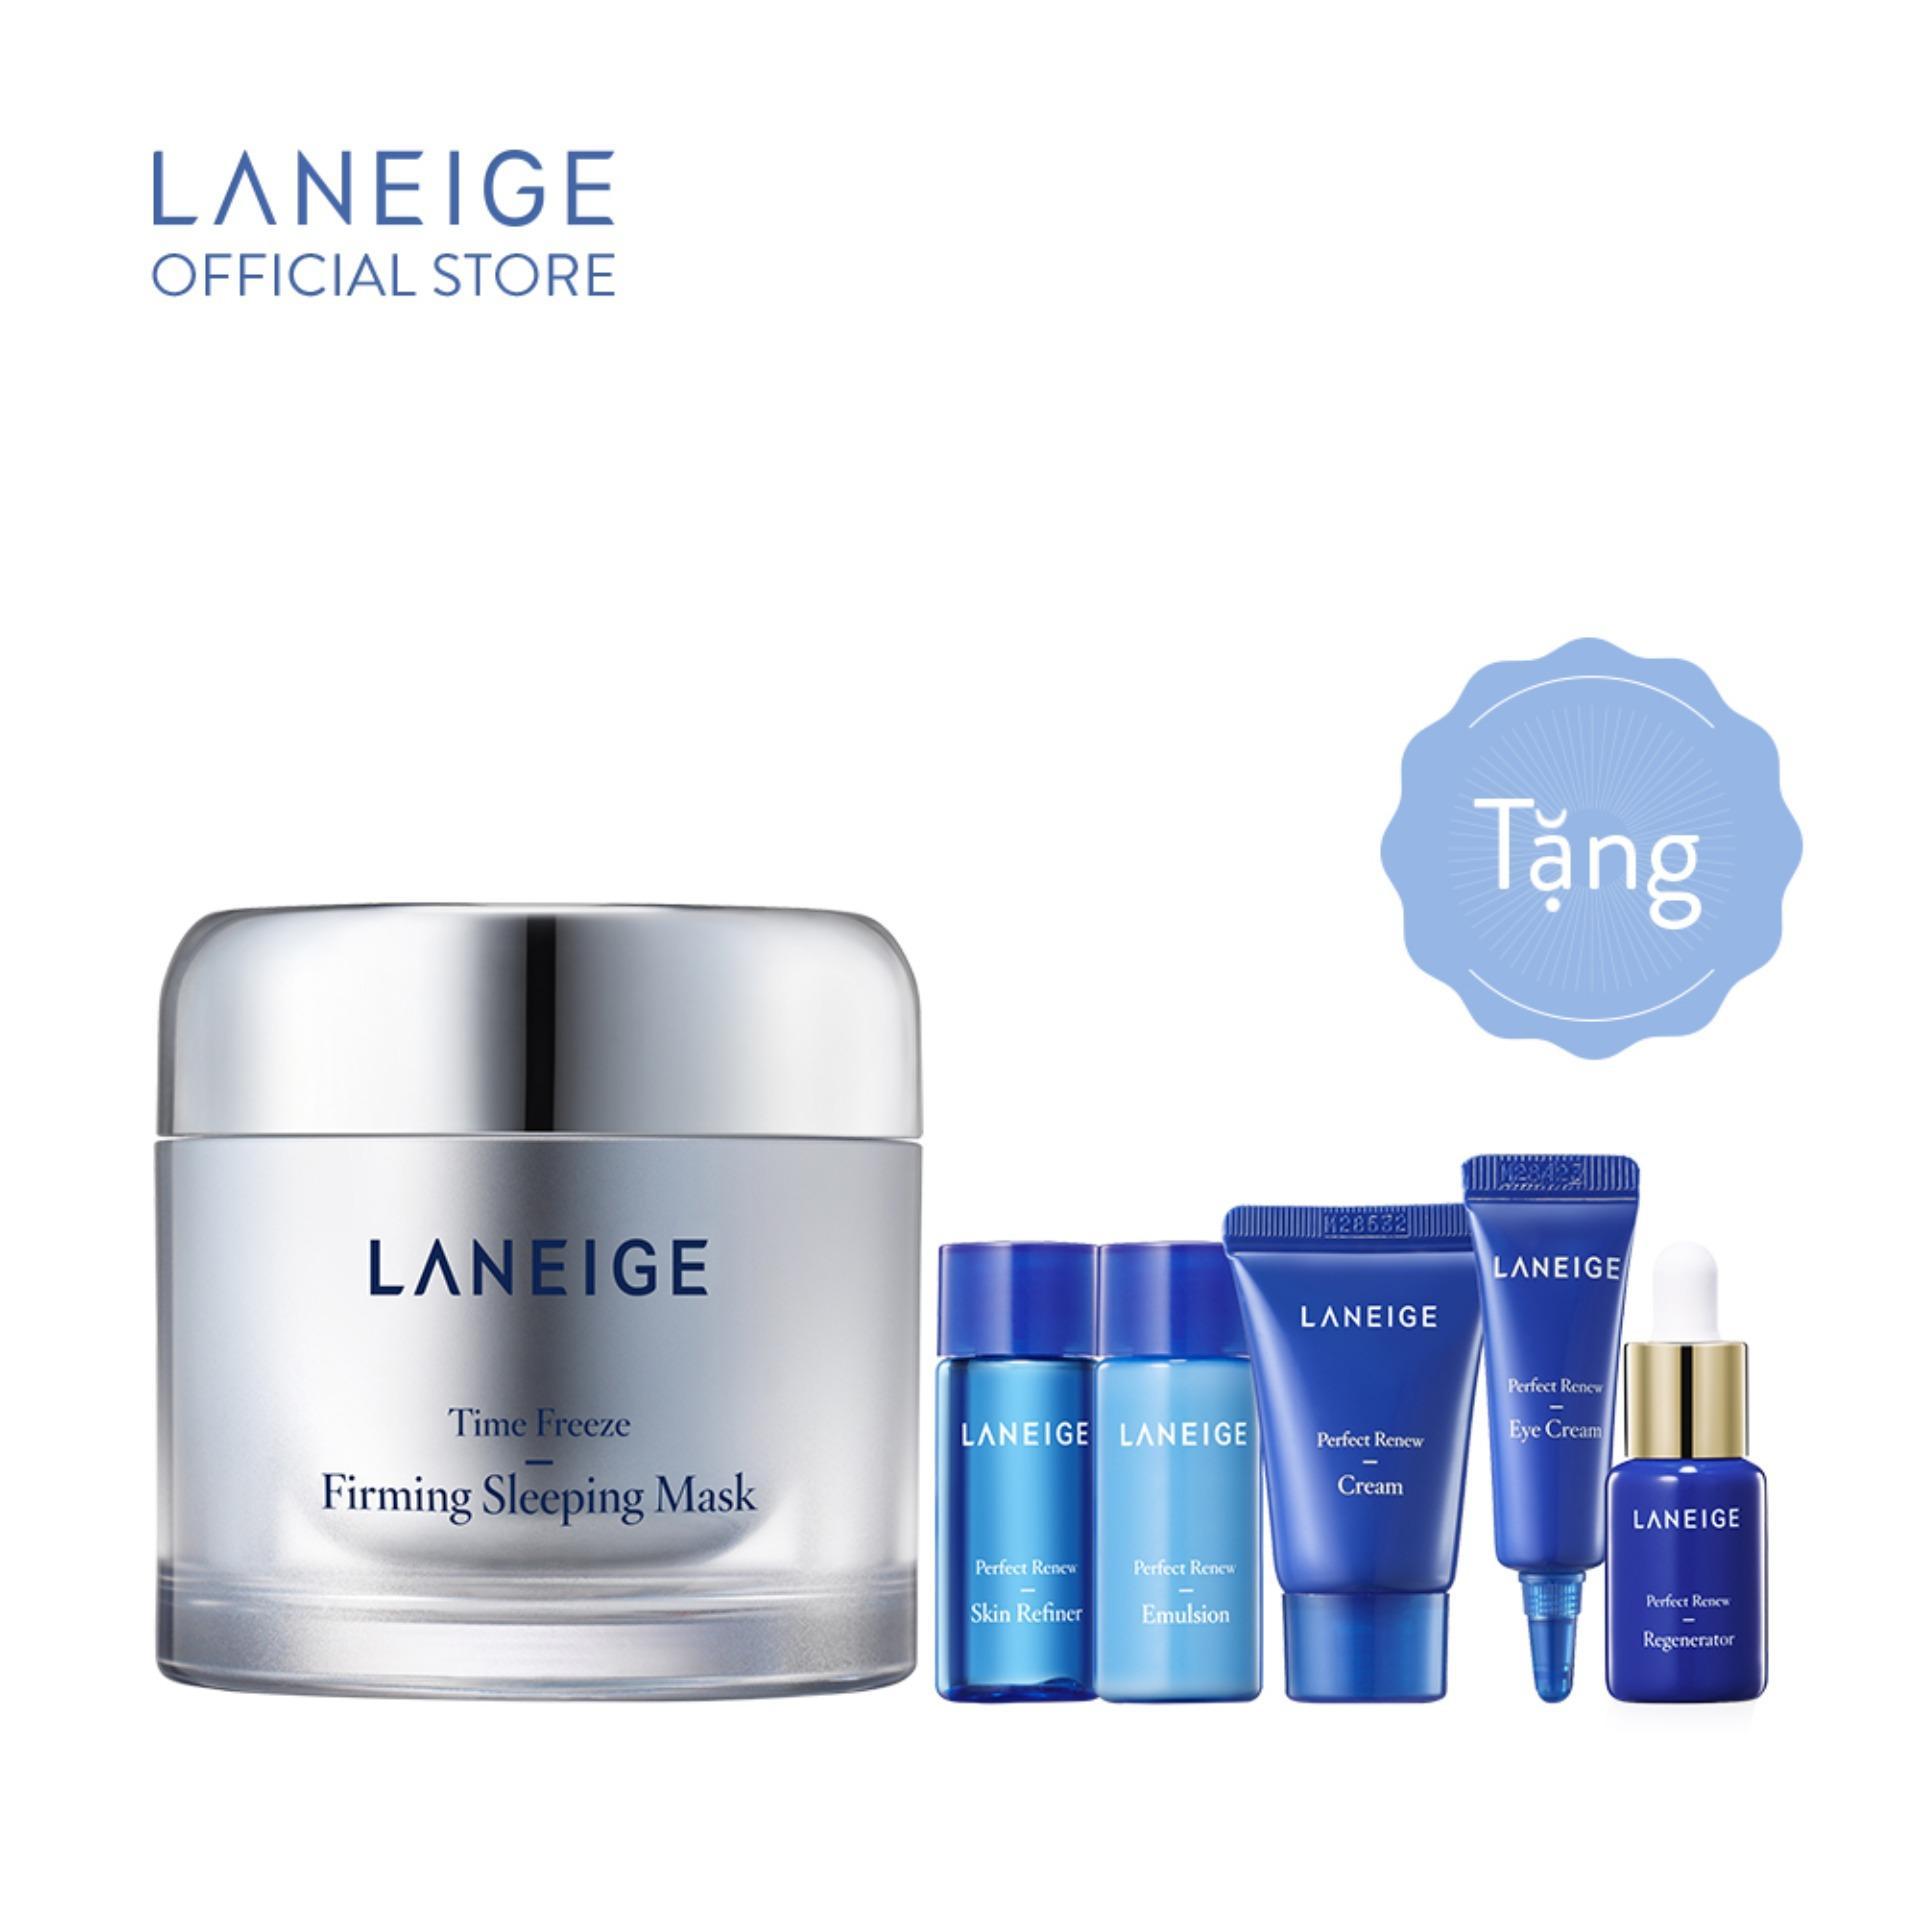 Mặt nạ ngủ ngăn ngừa lão hóa Laneige Time Freeze Firming Sleeping Mask 60ml + Tặng Bộ dưỡng da ngăn ngừa lão hóa Renew Trial Kit